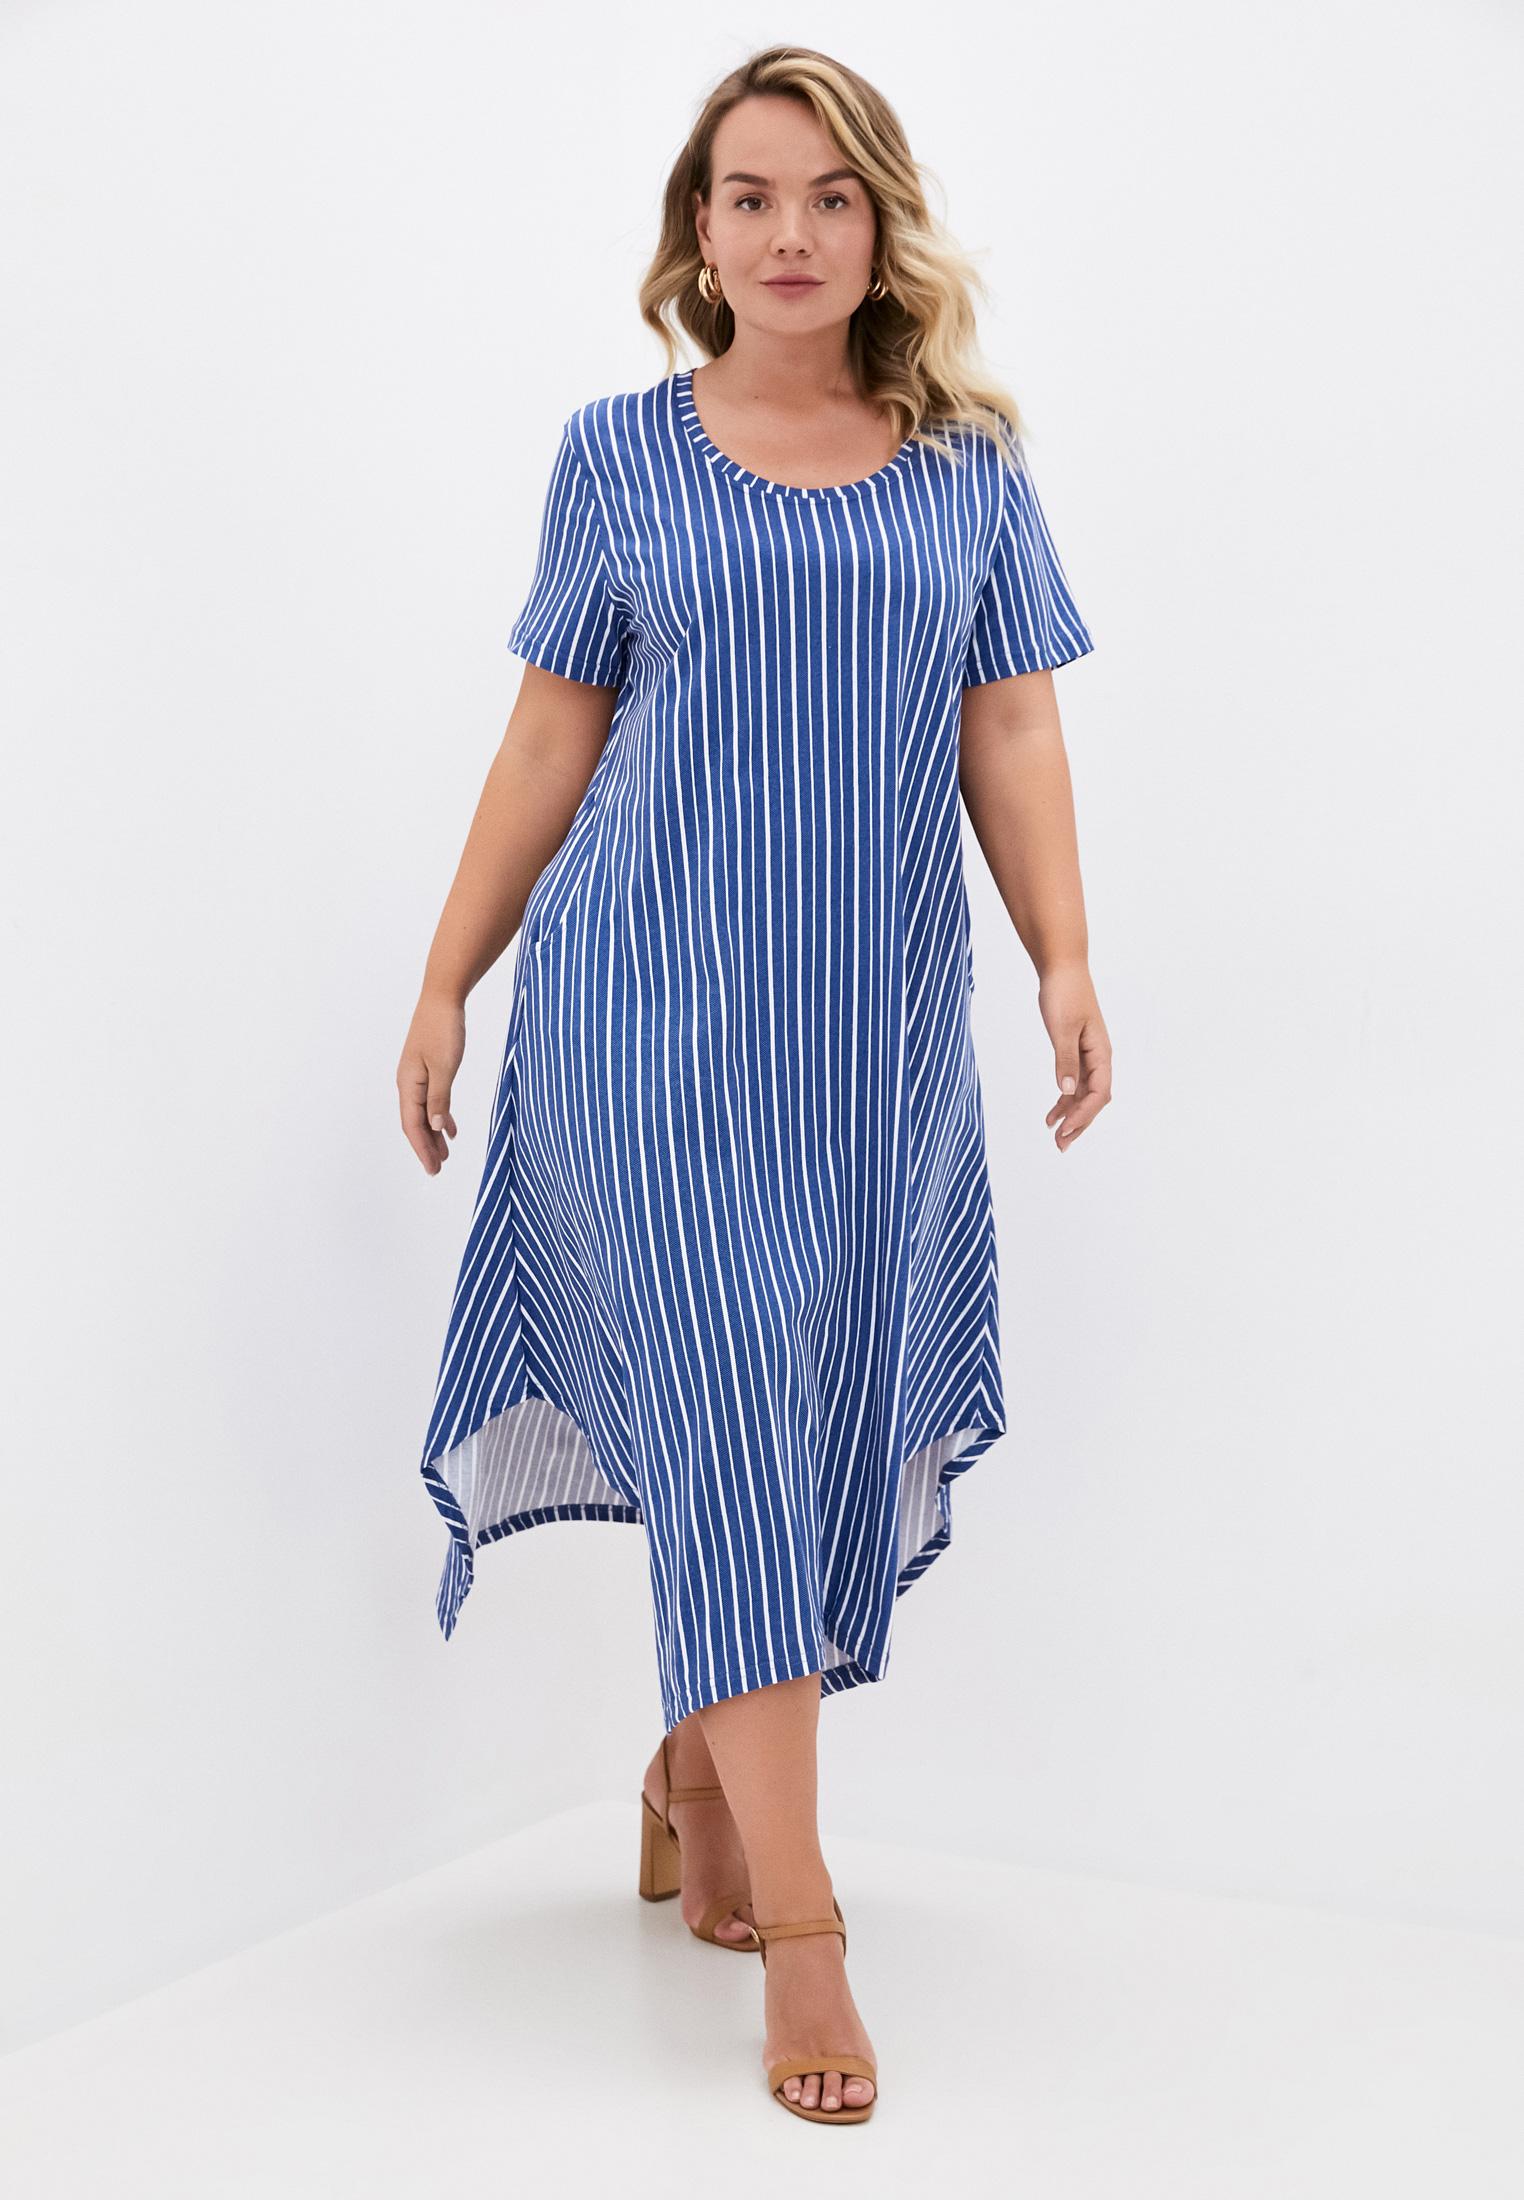 Платье Winzor  купить за 1 992 ₽ в интернет-магазине Lamoda.ru